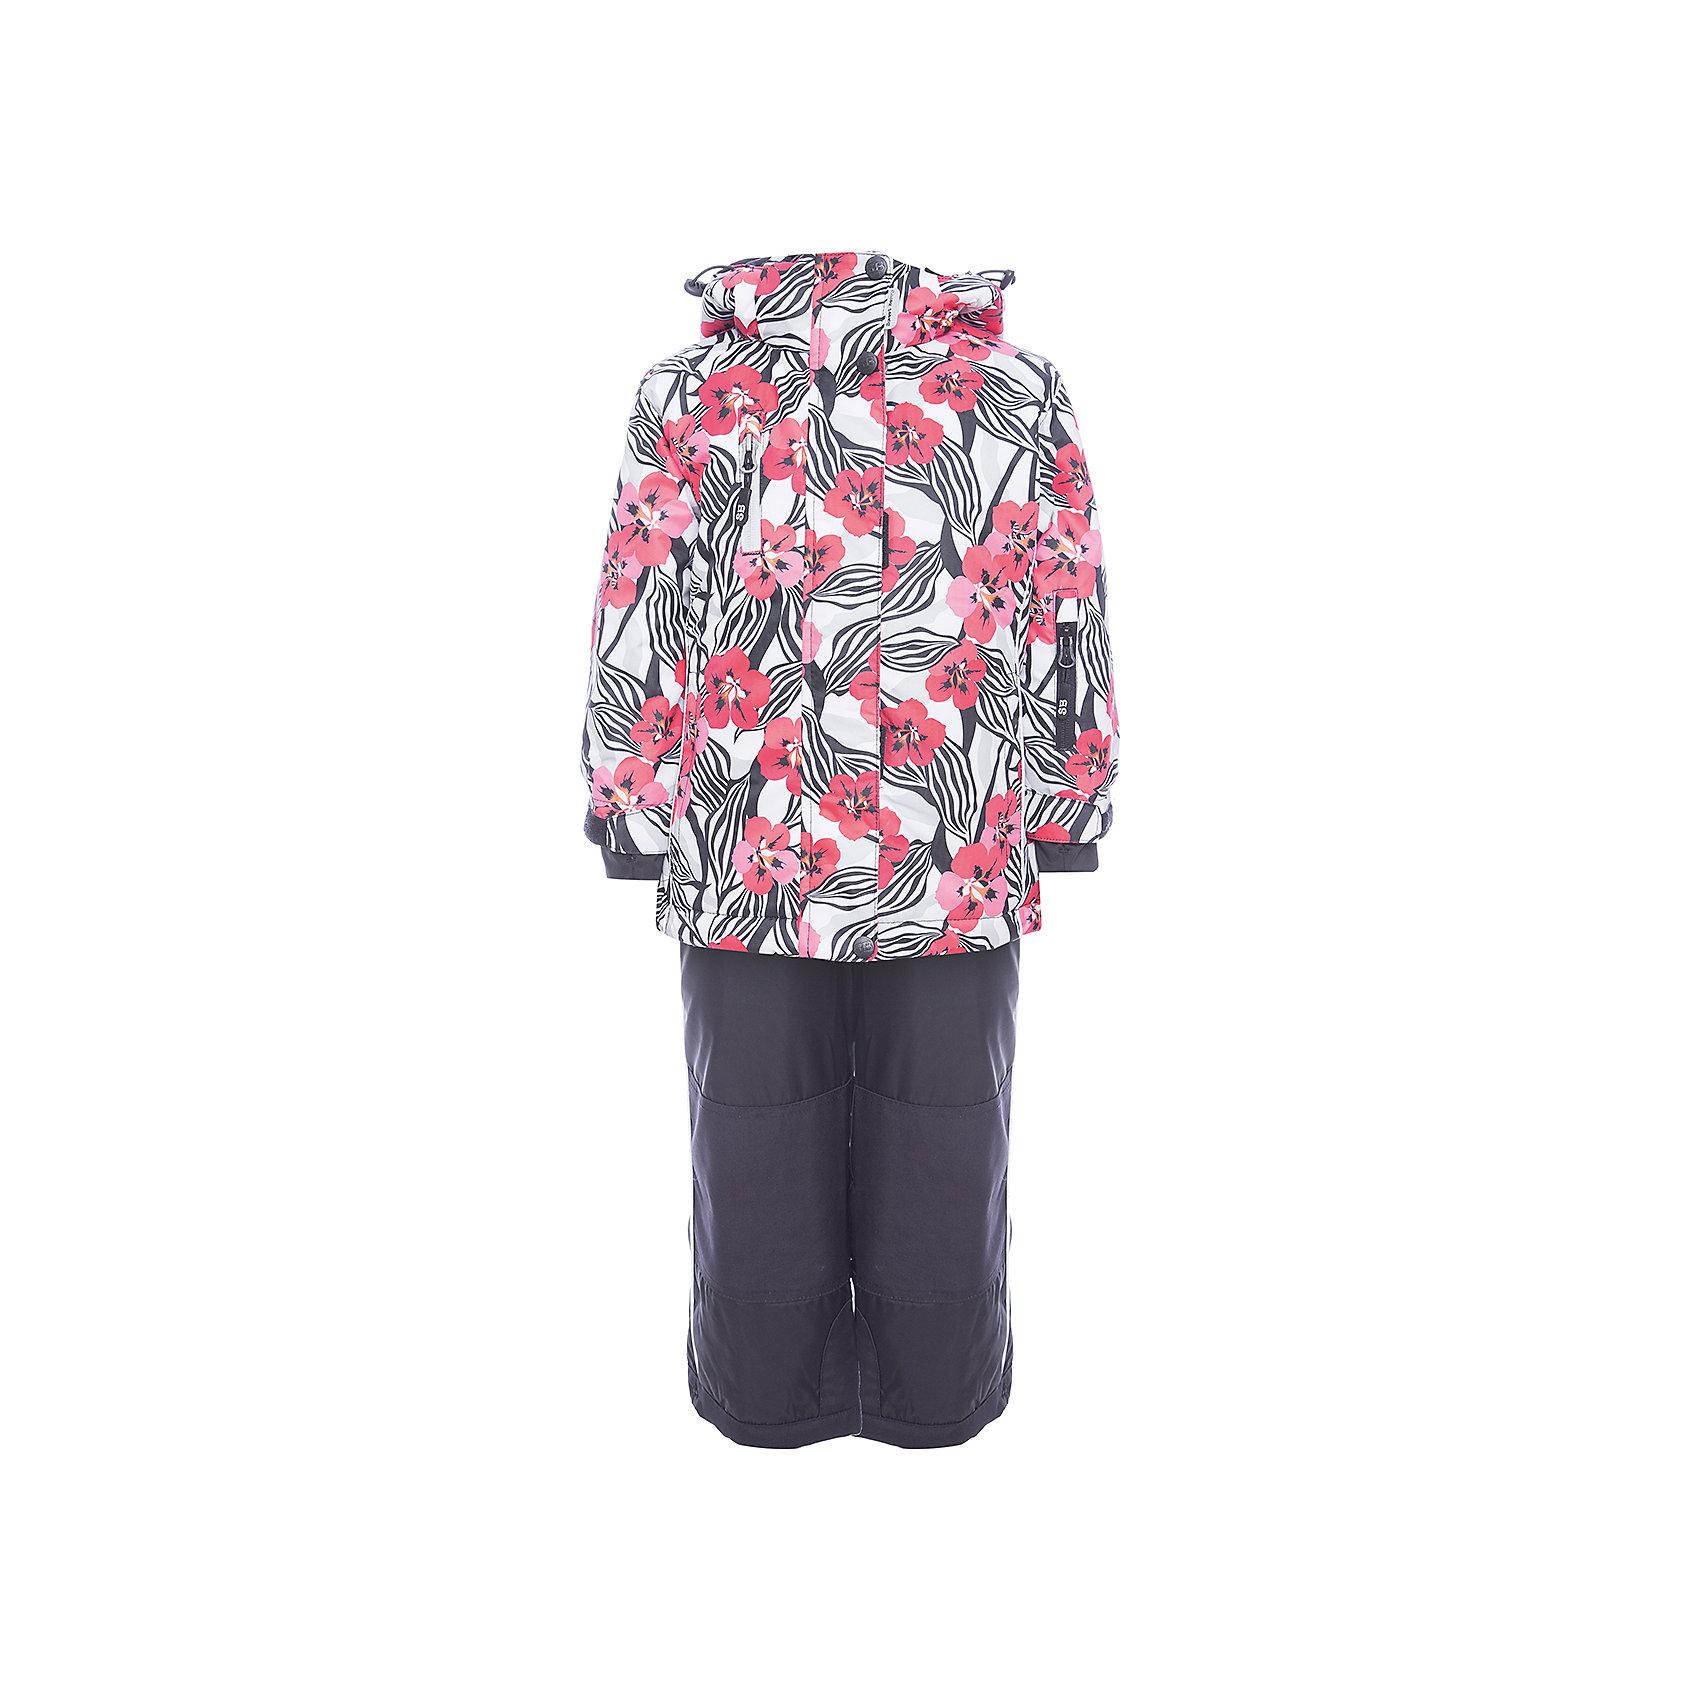 Комплект: куртка и полукомбинезон Sweet Berry для девочкиВерхняя одежда<br>Комплект: куртка и полукомбинезон Sweet Berry для девочки<br>Комфортный и теплый костюм  для девочки из мембранной ткани. В конструкции учтены физиологические особенности малыша. Съемный капюшон на молниях с дополнительной утяжкой, спереди установлены две кнопки.  Рукава с манжетами, регулируются липучкой. На куртке два кармана, застегивающиеся на молнию. Застежка-молния с внешней ветрозащитной планкой. Брюки на регулируемых подтяжках гарантируют посадку по фигуре.  Колени, задняя поверхность бедер и низ брюк дополнительно усилены сверхпрочным материалом. Силиконовые отстегивающиеся штрипки на брючинах. Ткань верха: мембрана 5000мм/5000г/м2/24h, waterproof, водонепроницаемая с грязеотталкивающей пропиткой.<br>Пoдкладка: флис<br>Утеплитель: синтетический утеплитель 220 г/м? (куртка),<br>180 г/м? (рукава, п/комбинезон). Температурный режим: от -35 до +5 С<br>Состав:<br>Верх: куртка: 100%полиэстер, полукомбинезон:  100%нейлон.  Подкладка: 100%полиэстер. Наполнитель: 100%полиэстер<br><br>Ширина мм: 356<br>Глубина мм: 10<br>Высота мм: 245<br>Вес г: 519<br>Цвет: черный<br>Возраст от месяцев: 96<br>Возраст до месяцев: 108<br>Пол: Женский<br>Возраст: Детский<br>Размер: 134,92,98,104,110,116,122,128<br>SKU: 7094125